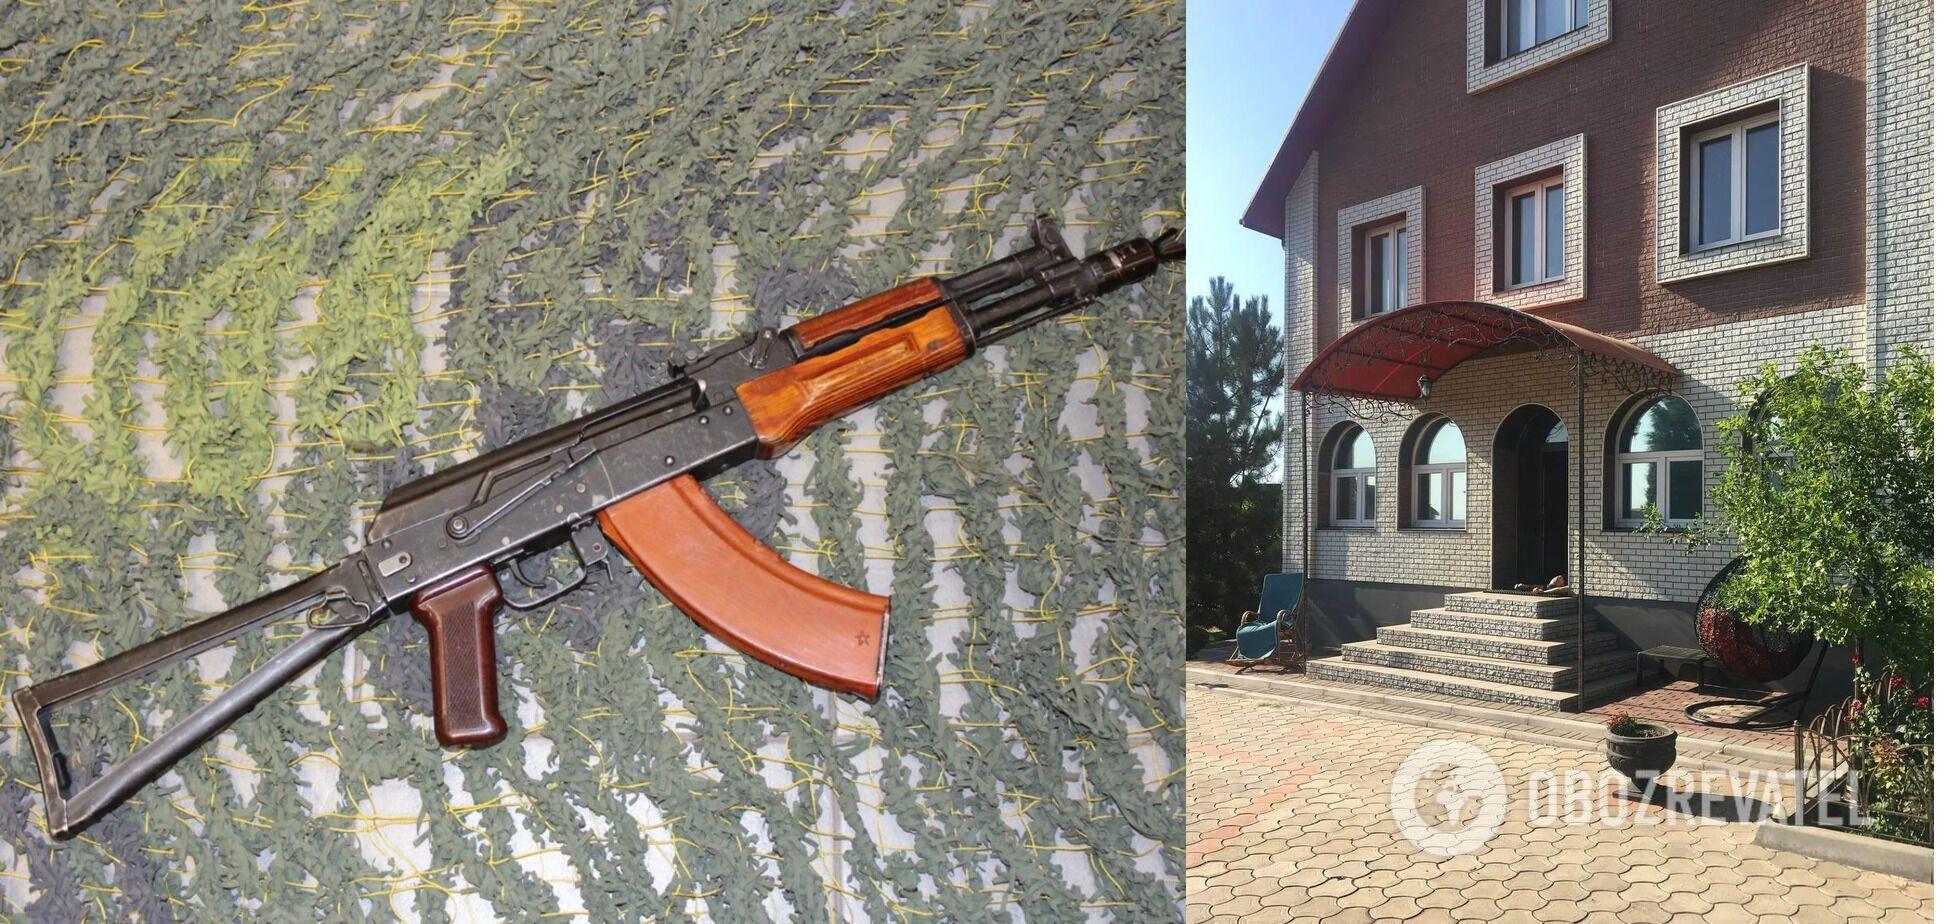 """Охотничий карабин """"Сайга"""" был найден рядом с телом погибшего чиновника"""